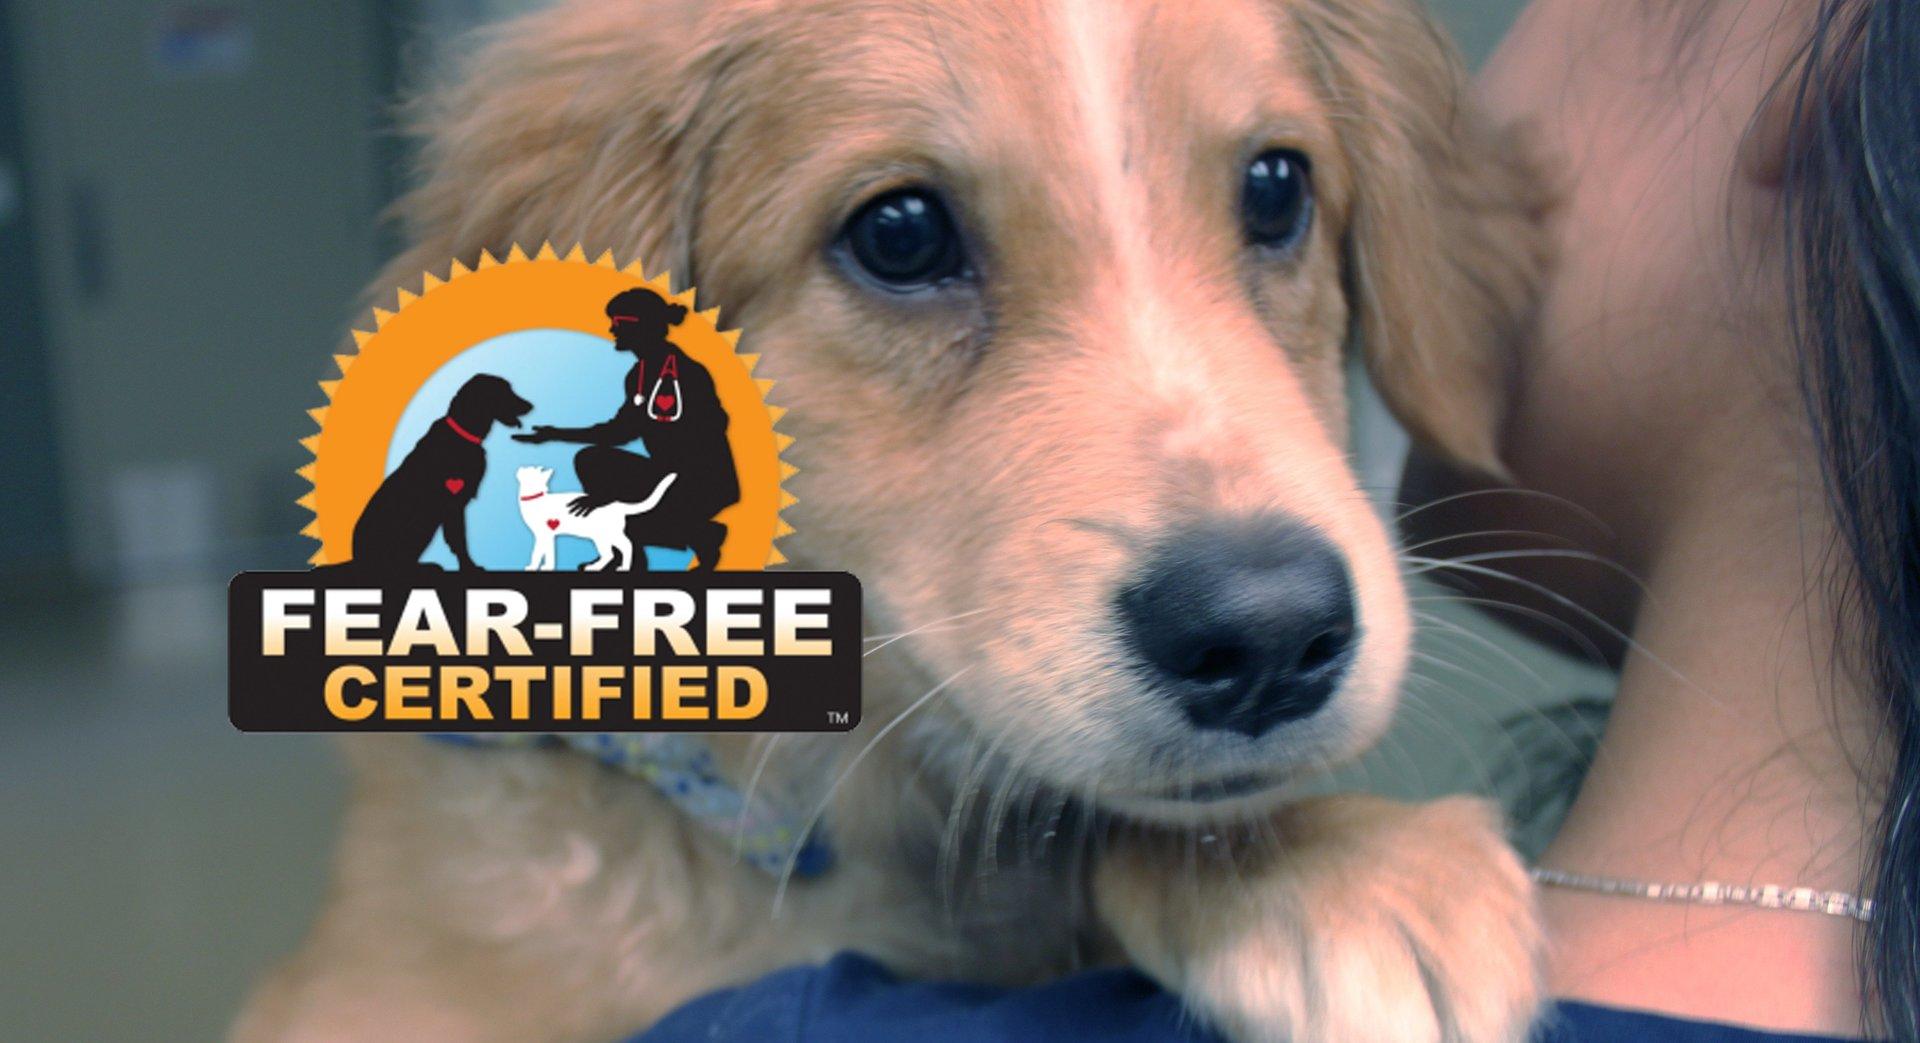 Fear-Free Certified